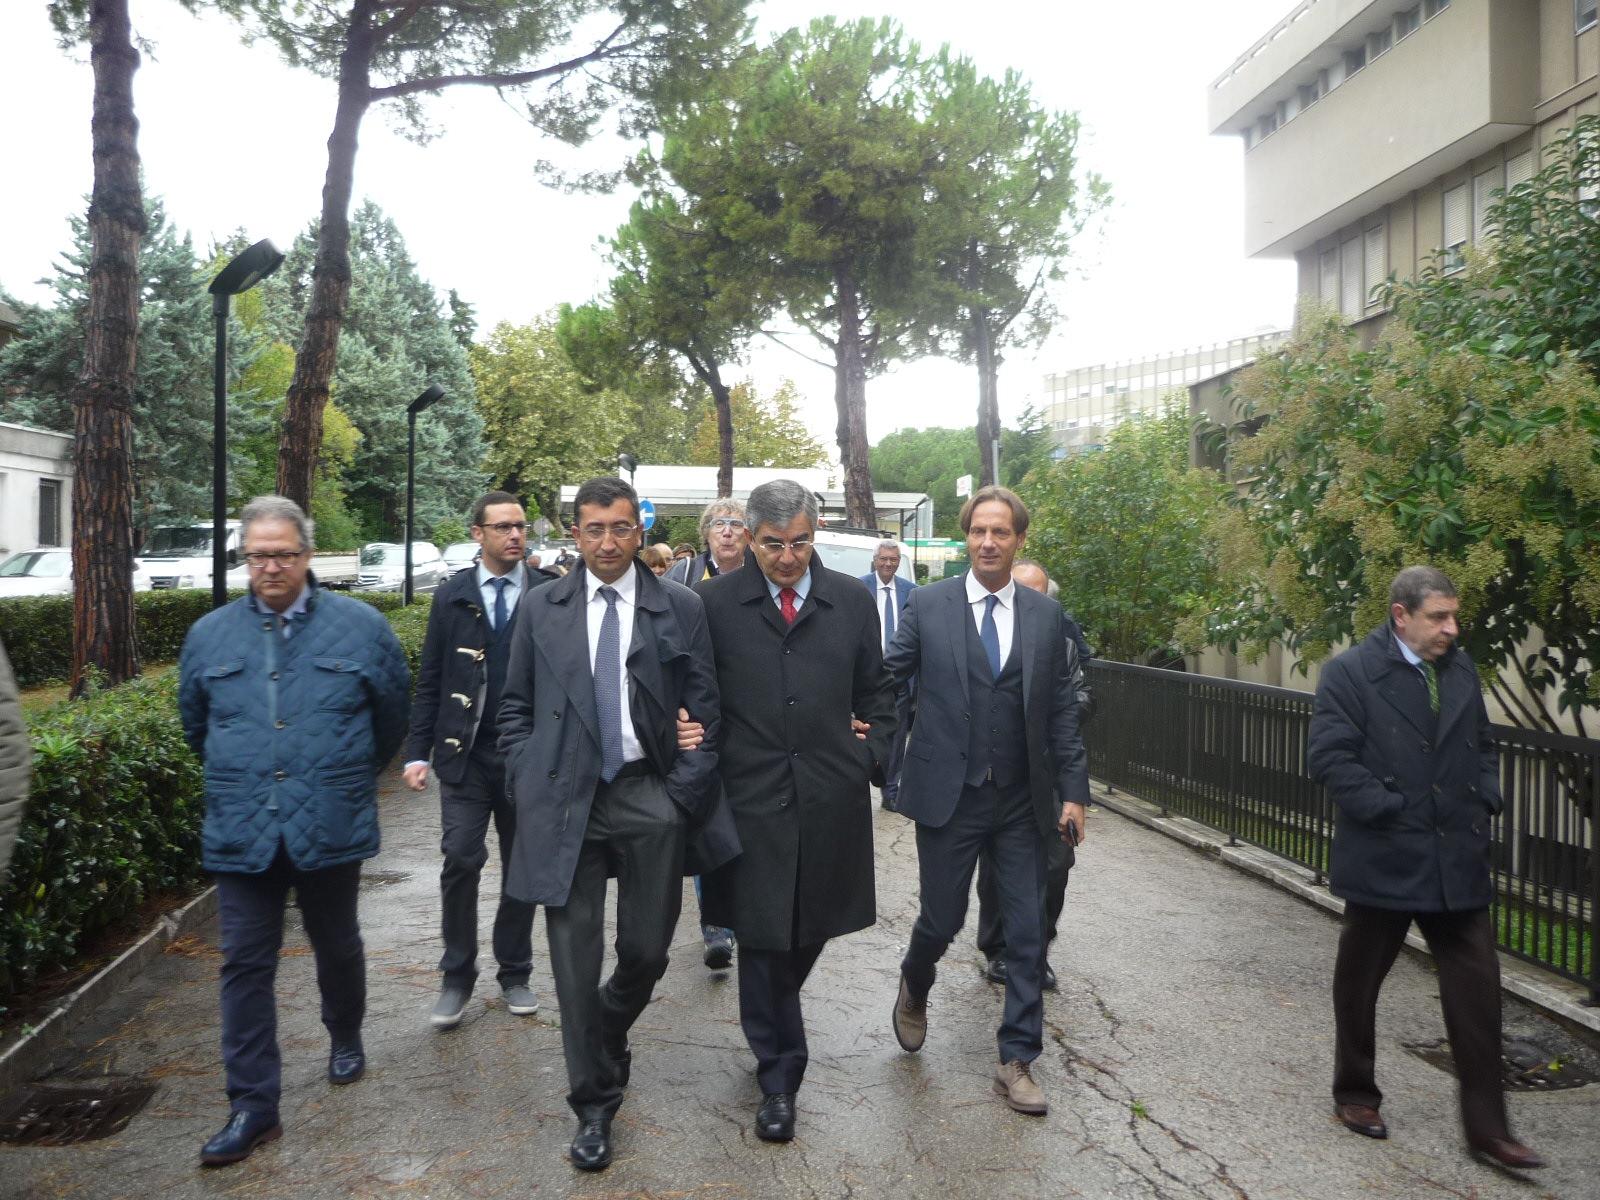 Nuovo ospedale Teramo, utilizzati i fondi di Giulianova: sconcertato il sindaco